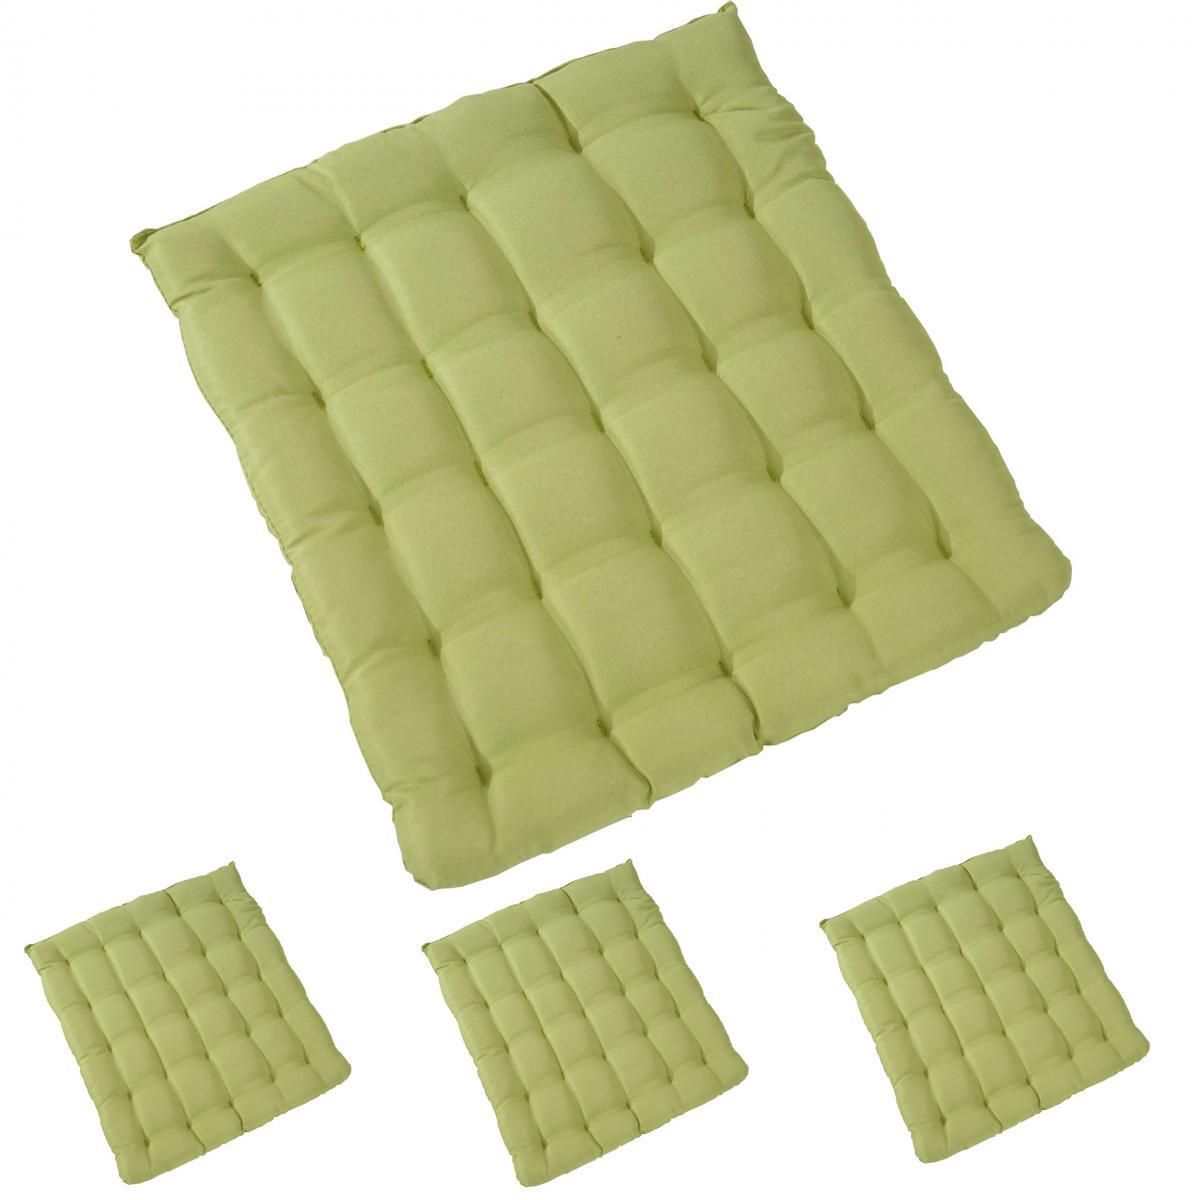 Mendler 4x coussin Canberra, coussins de chaise, 43x41x3cm ~ vert clair